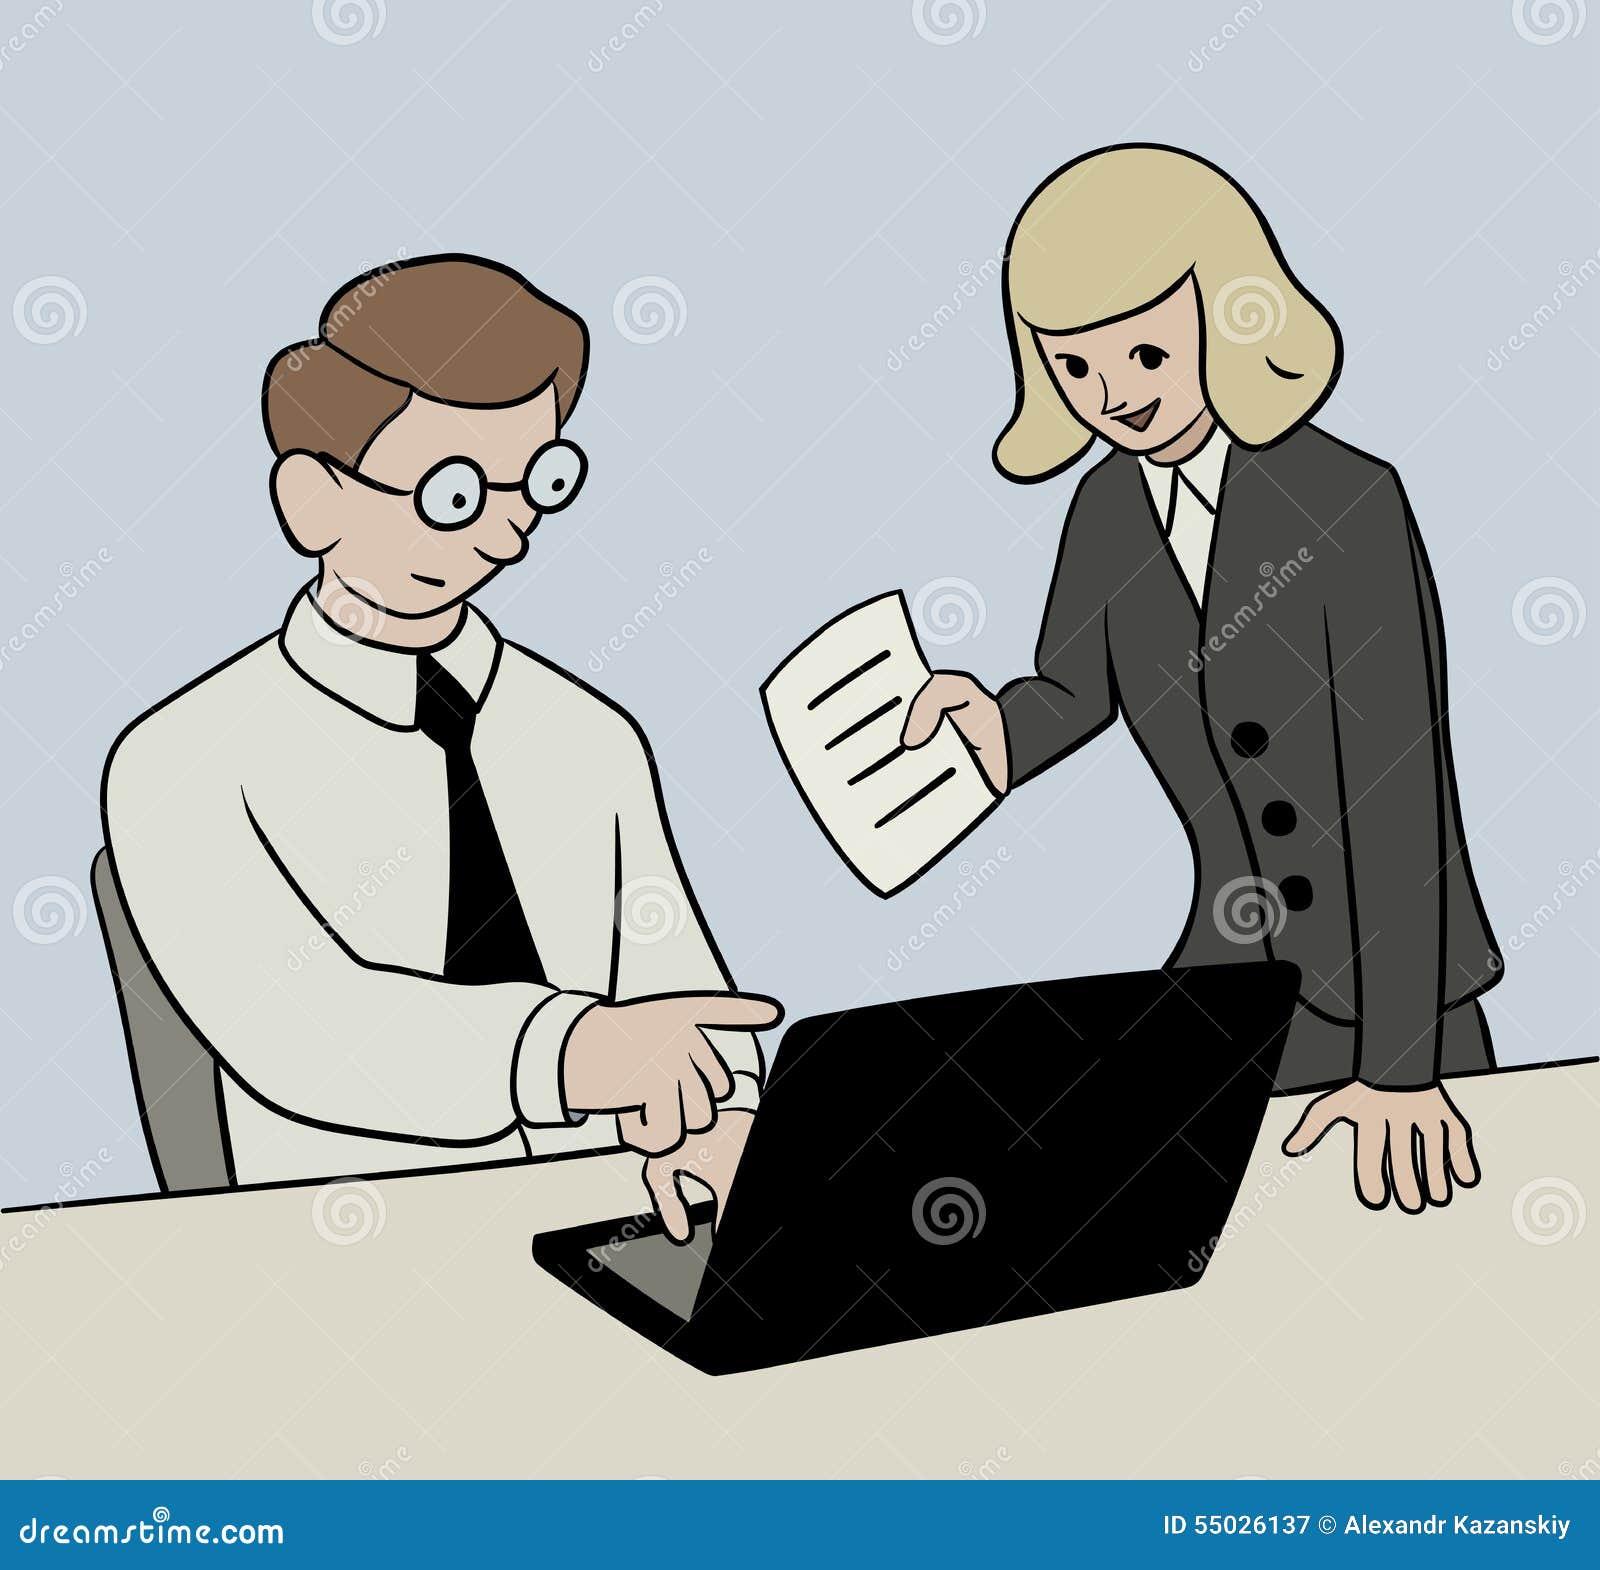 Büroarbeit clipart  Büroarbeit vektor abbildung. Bild von sonderling, menschlich ...